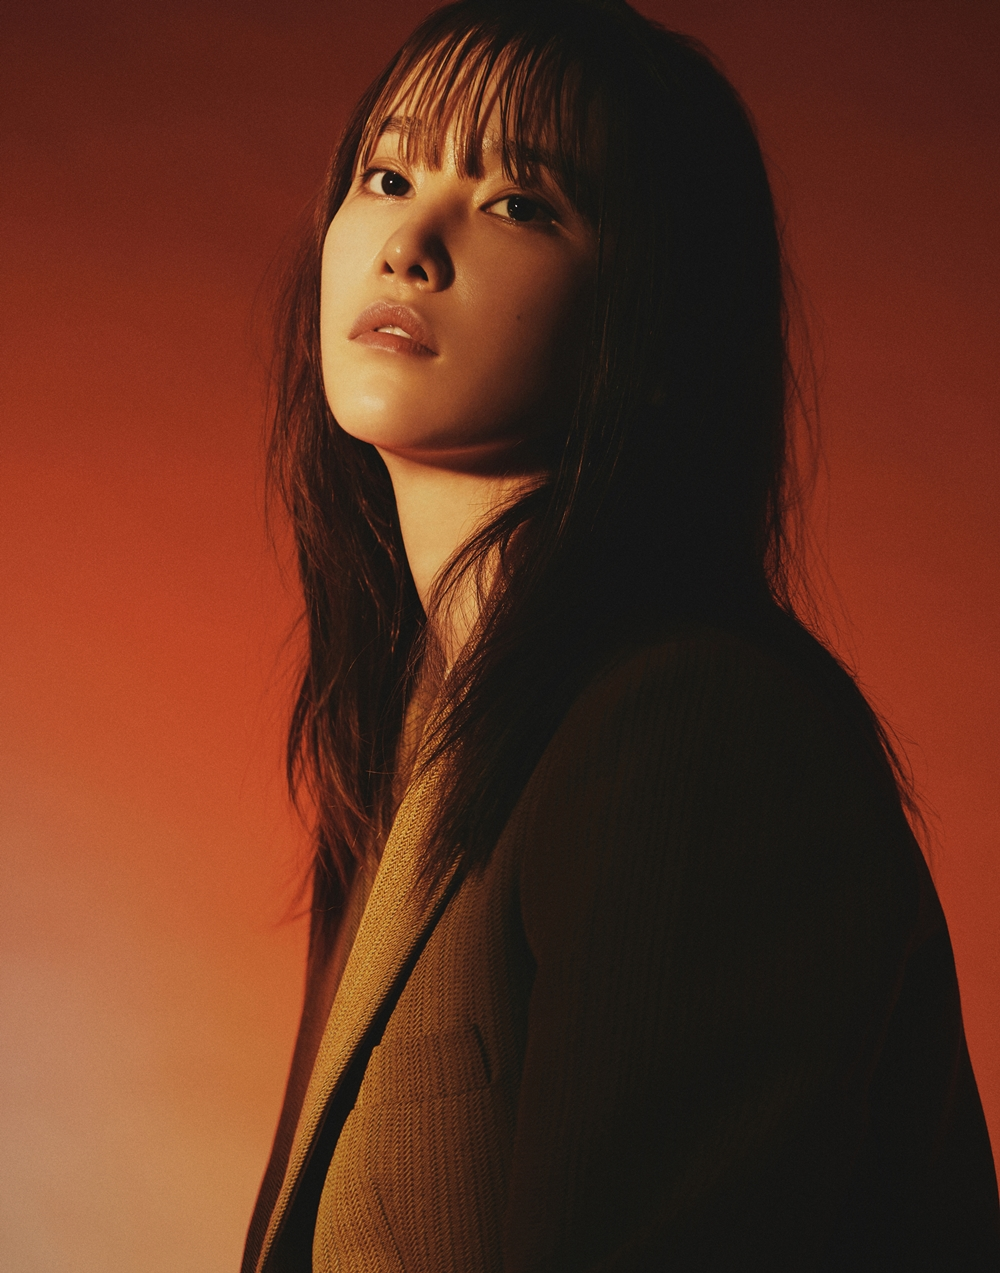 영화 '콜' 배우 전종서. 사진 넷플릭스